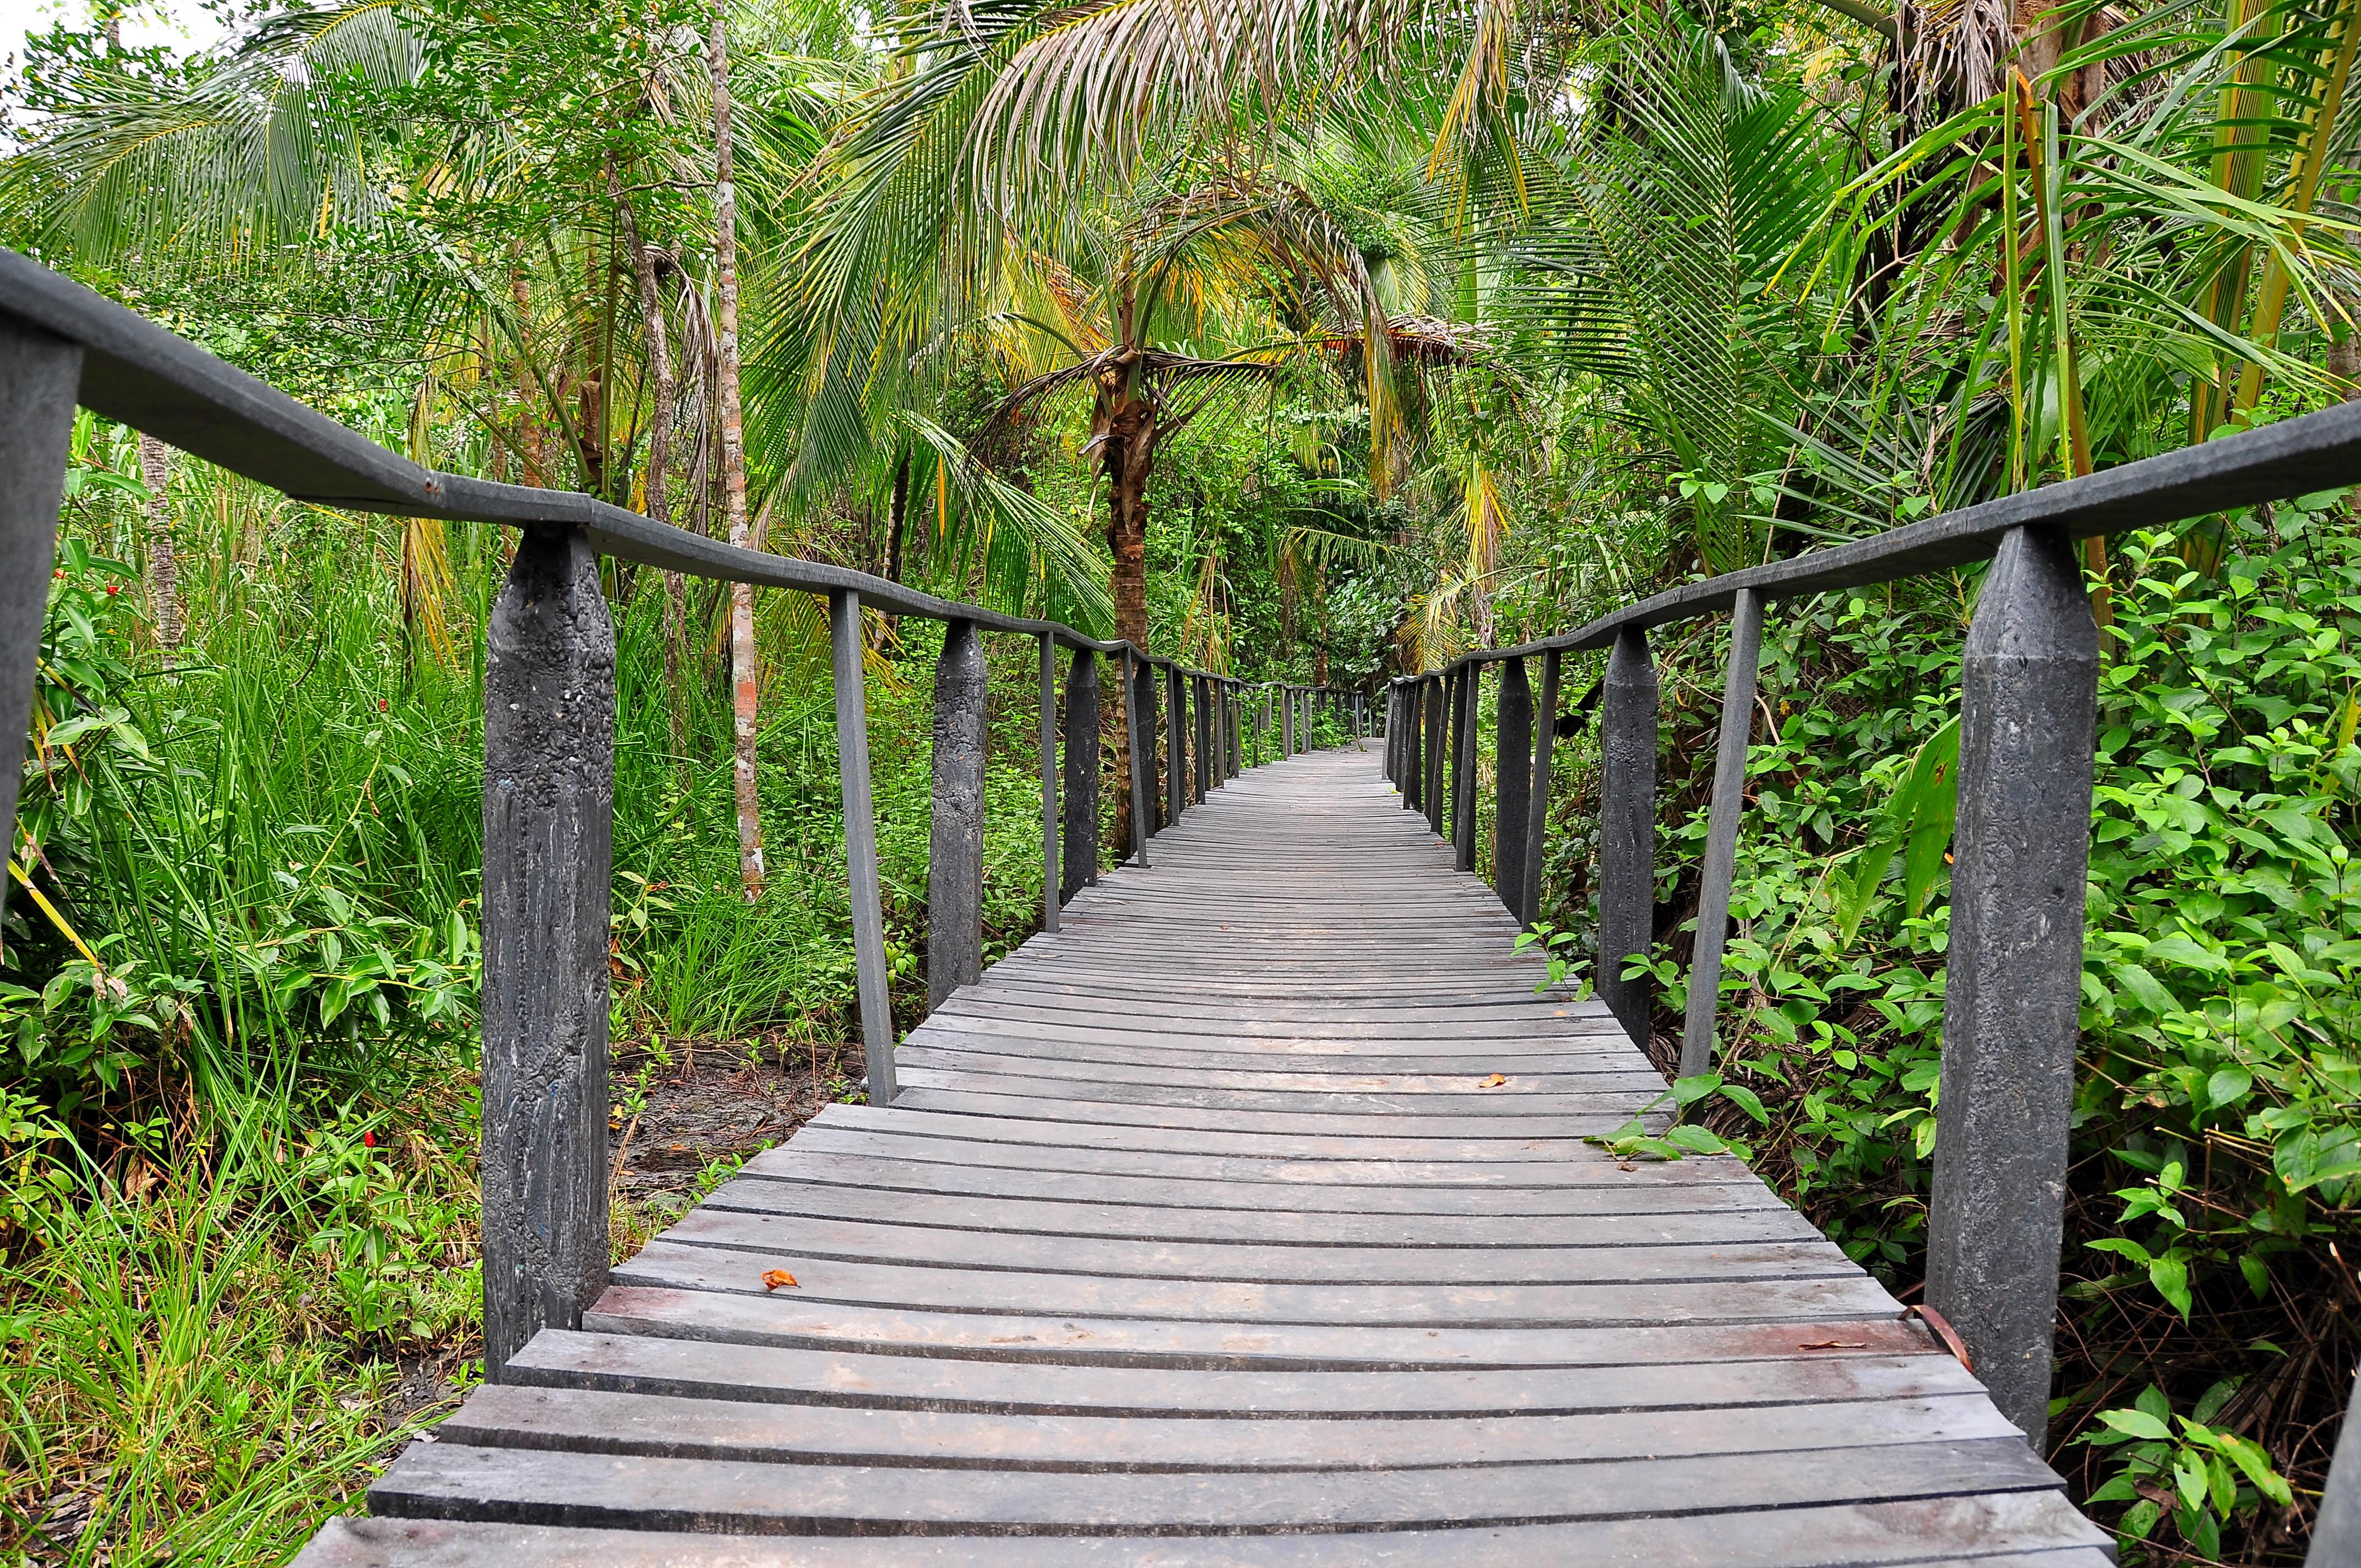 File:A walking bridge in the Cahuita natural reserve.jpg - Wikimedia ...